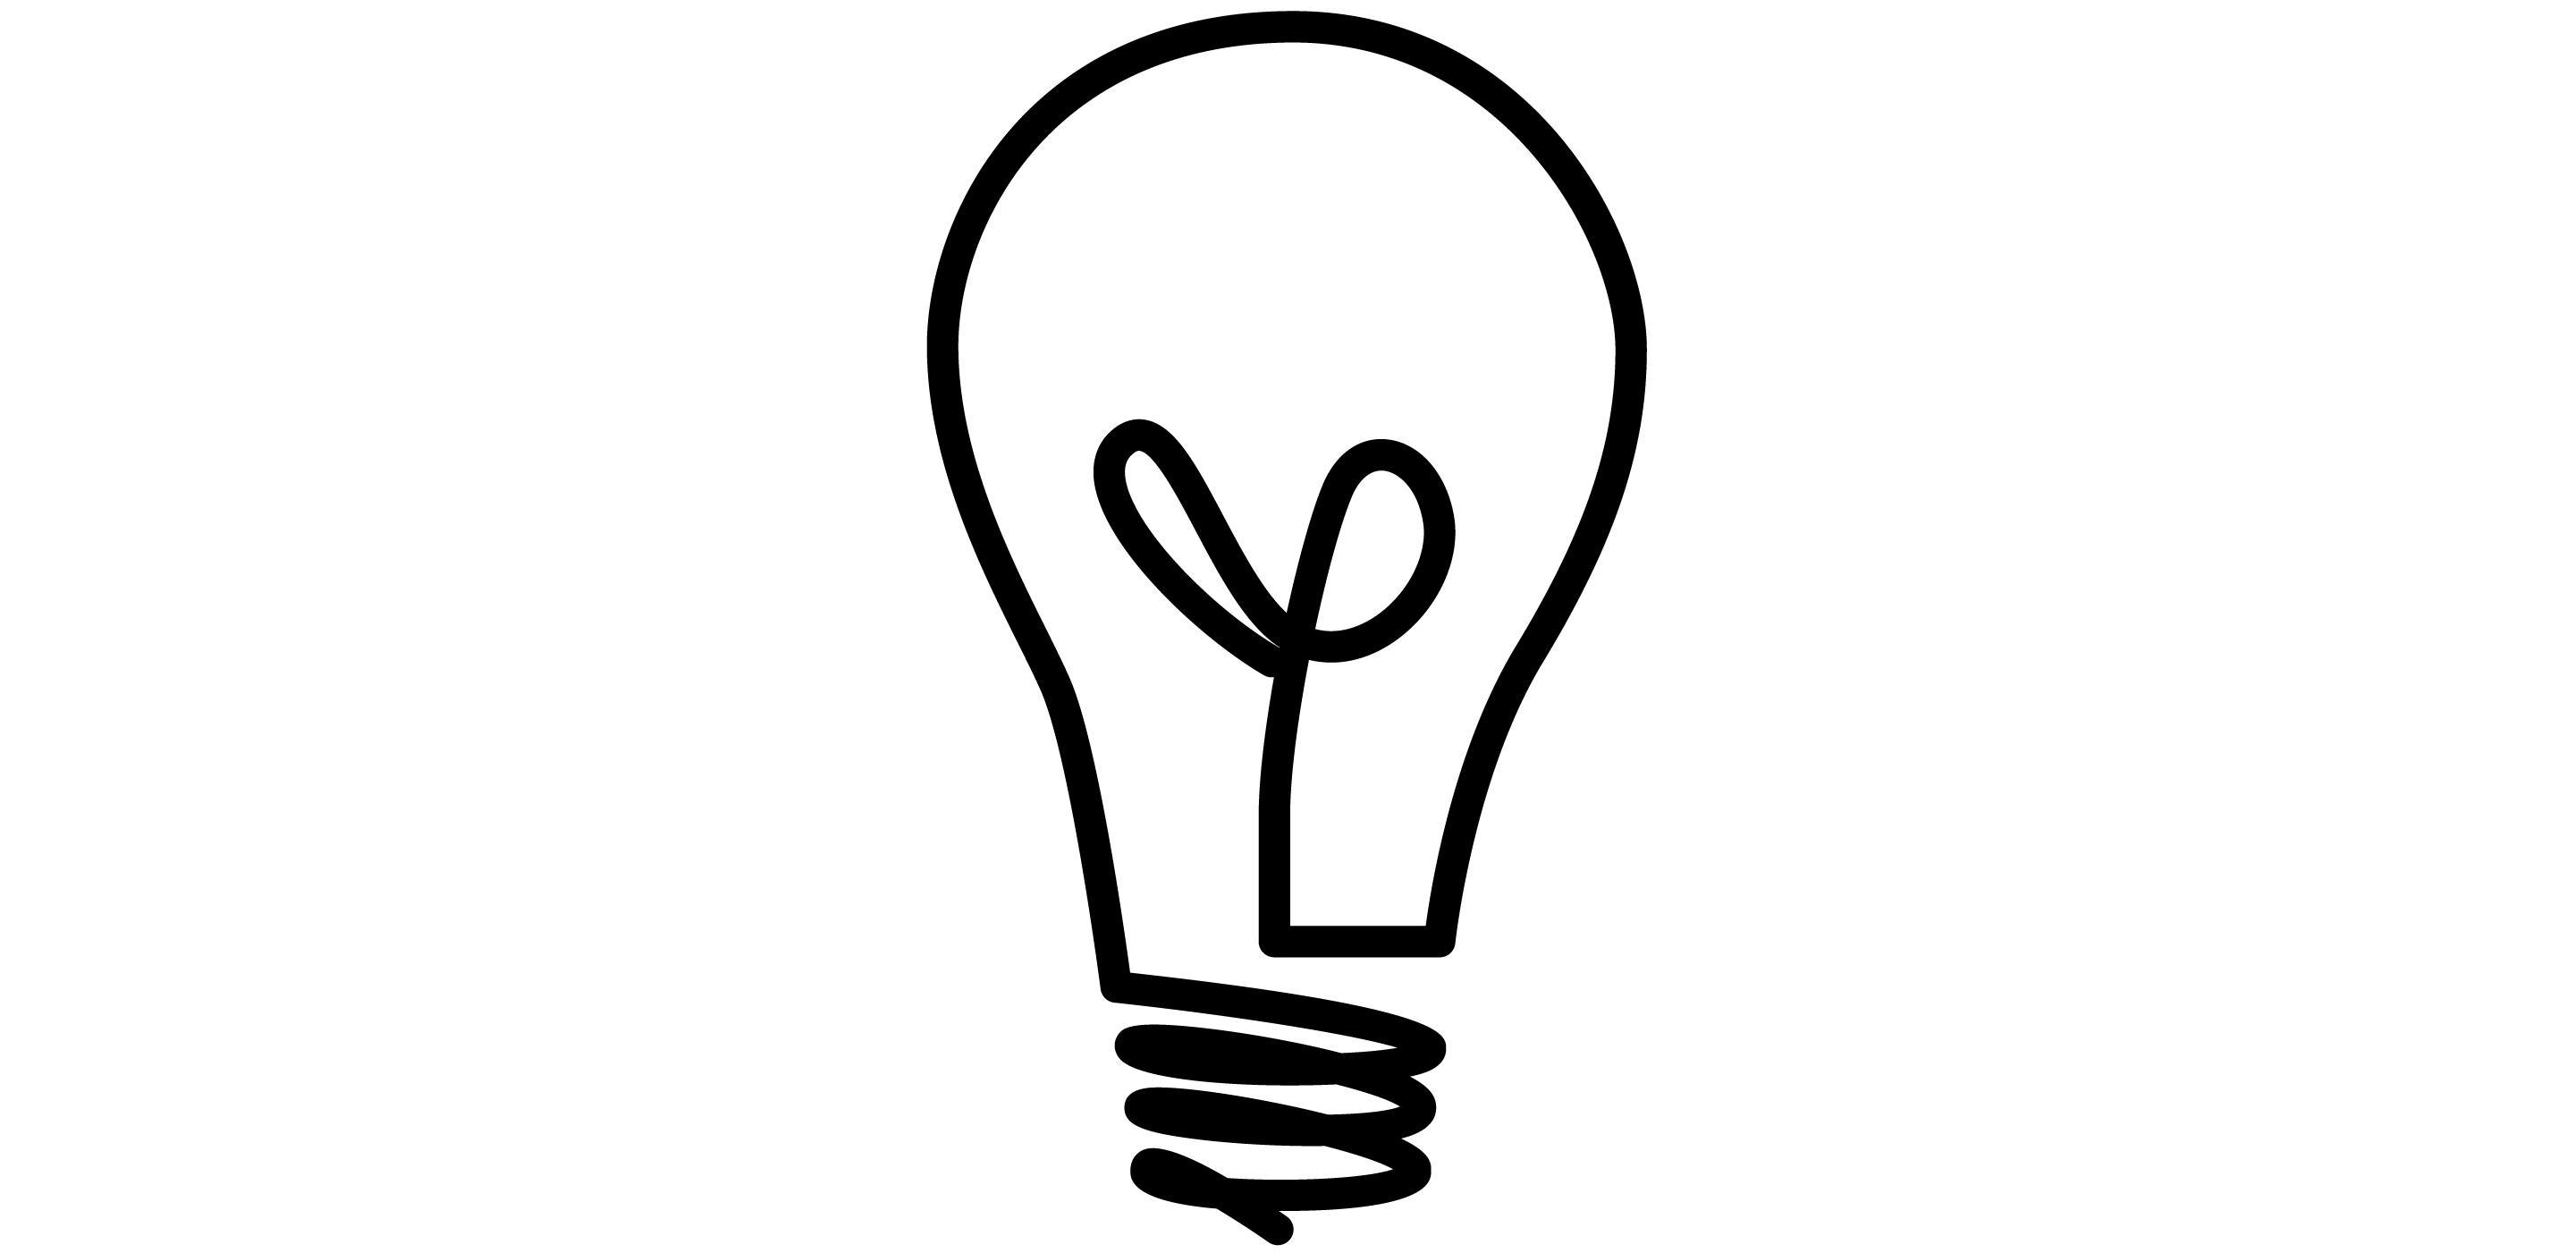 10 lightbulb clipart preview light bulb clipar hdclipartall light bulb clipar hdclipartall